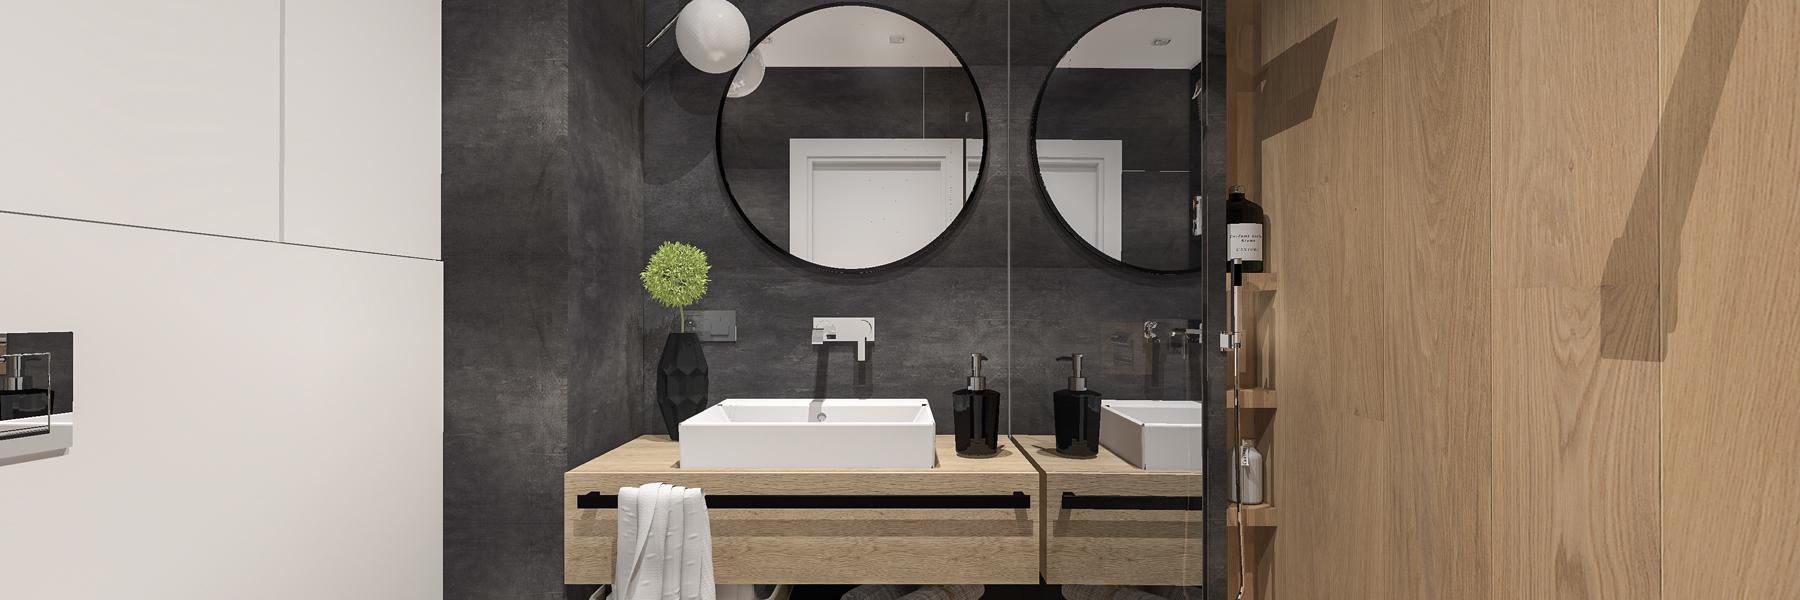 projekt łazienka slider